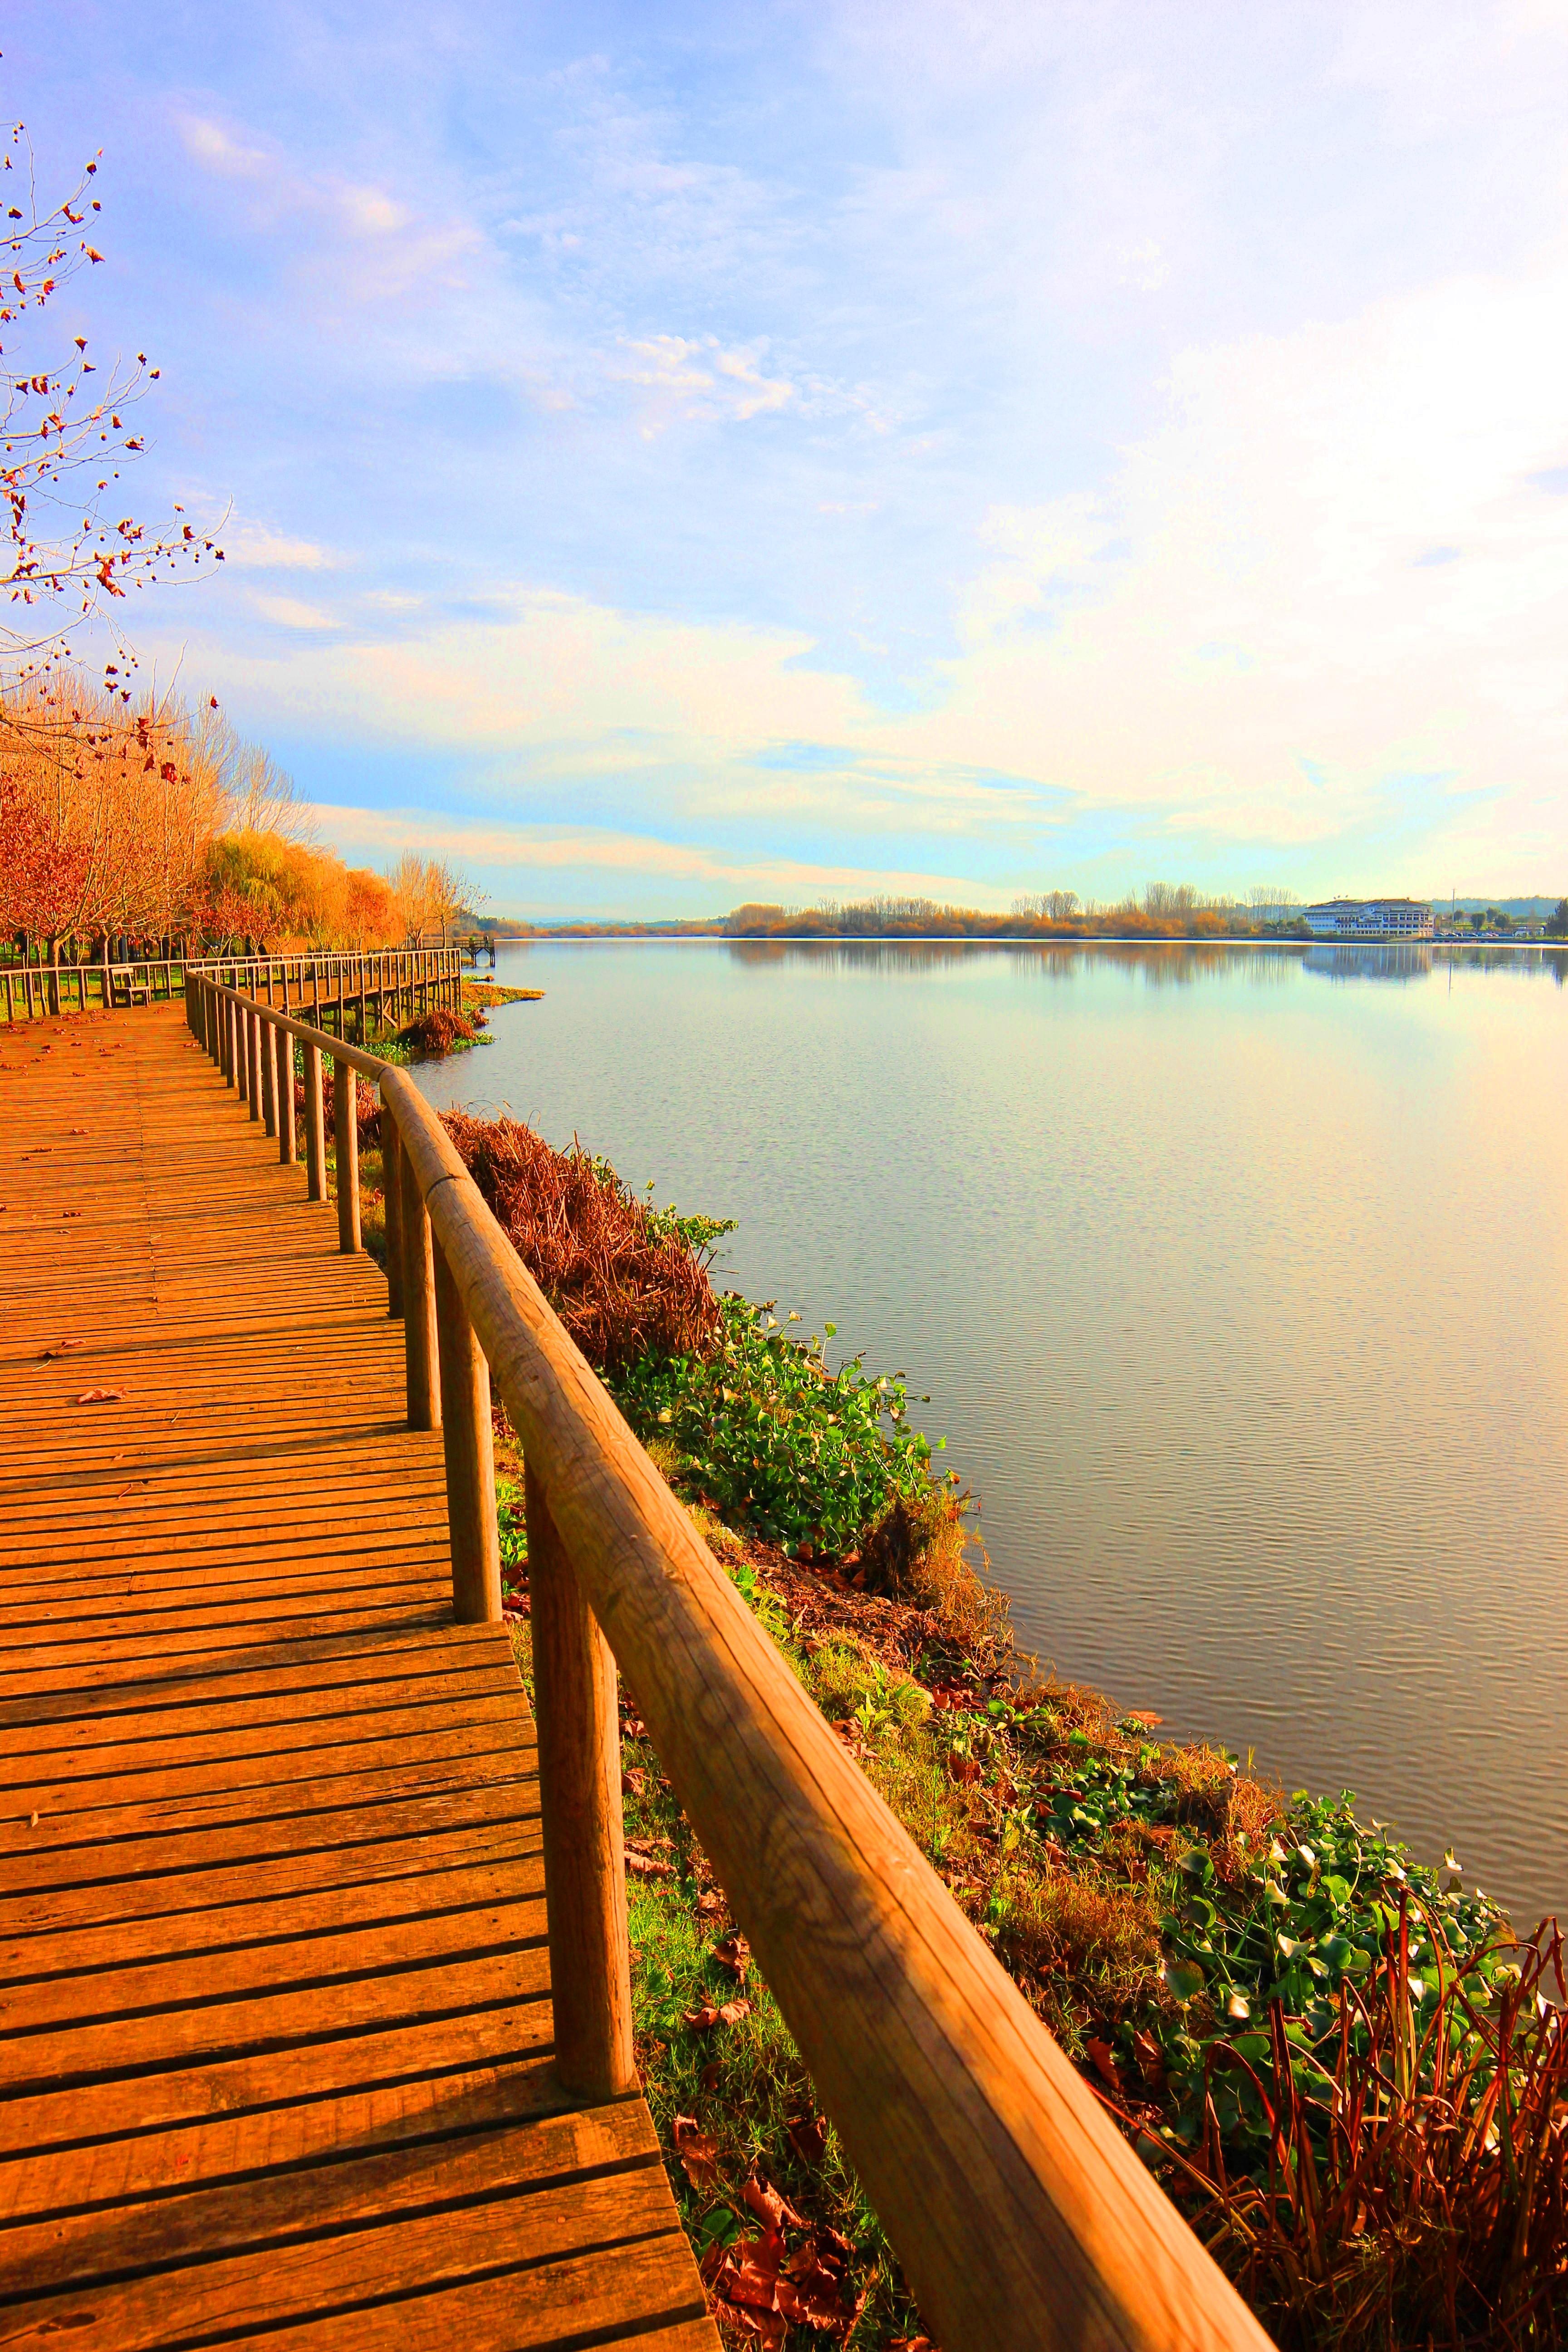 Passadiços na Ria de Aveiro, no lago da Pateira de Fermentelos